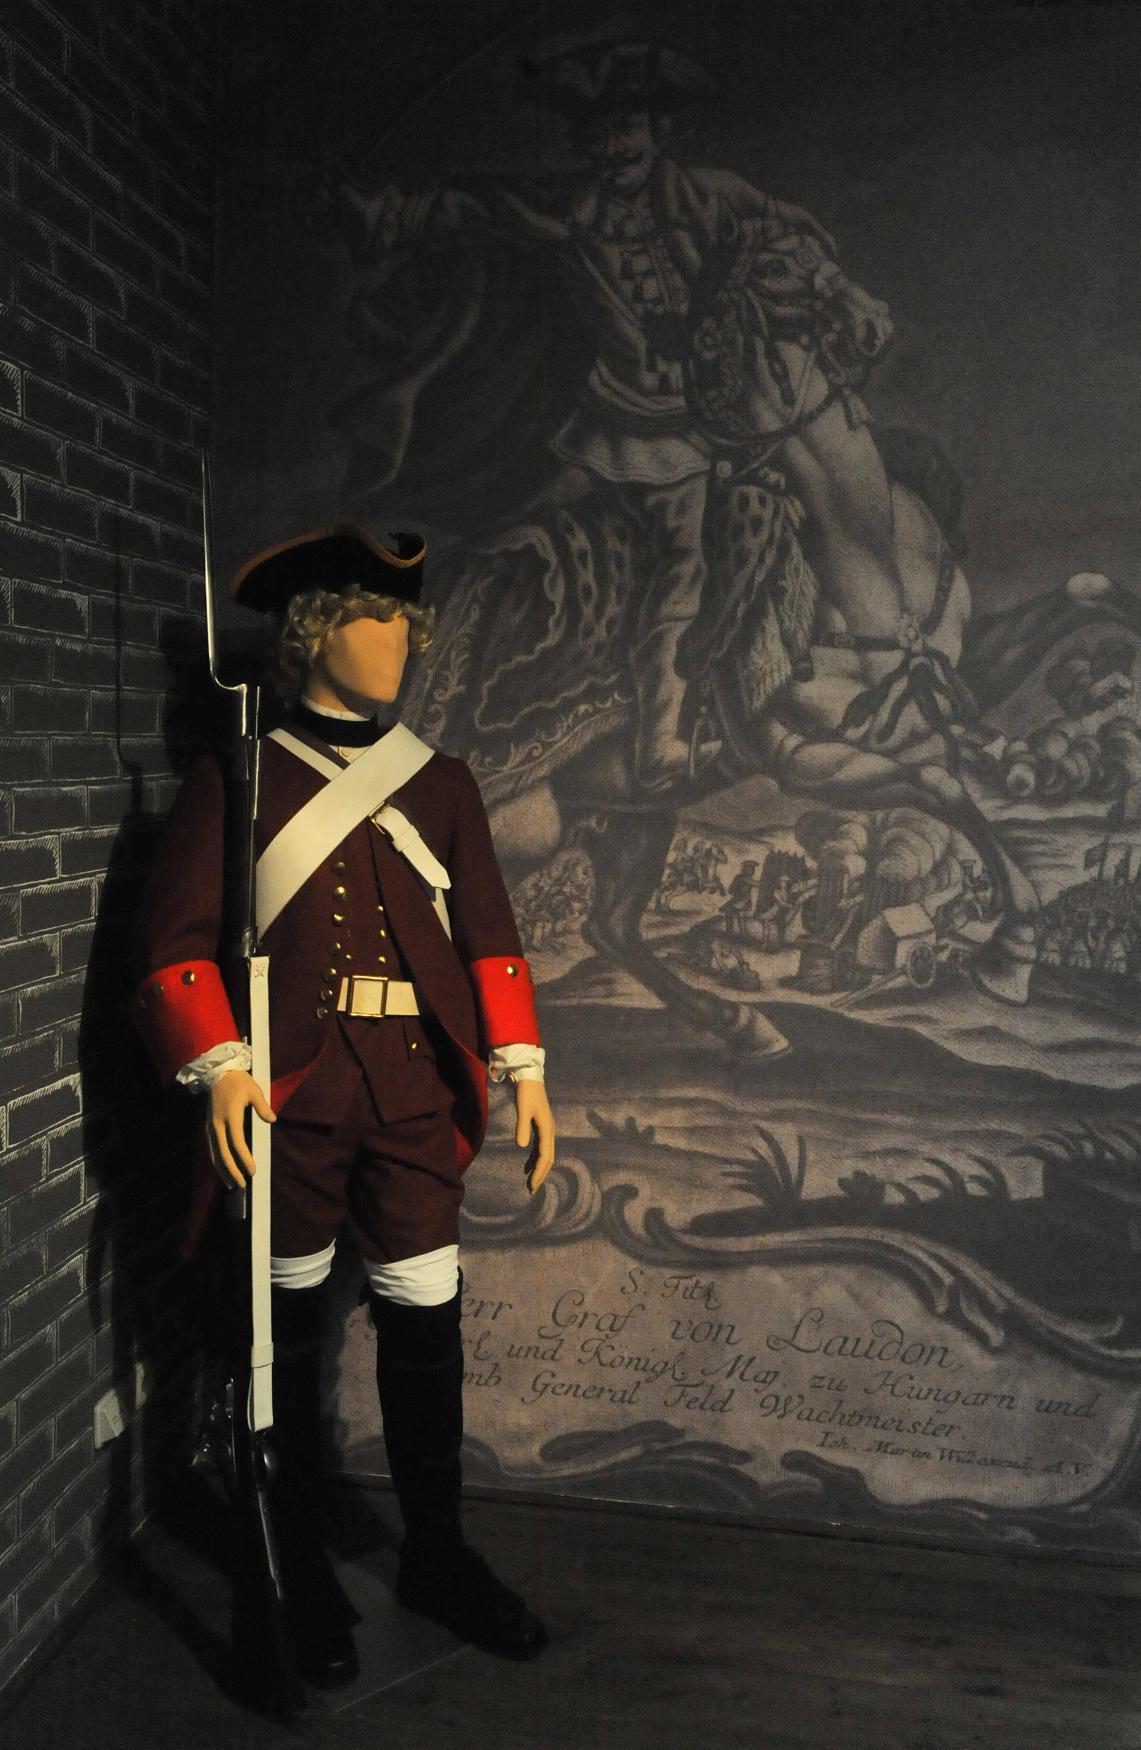 Expozice Generál Laudon v Novém Jičíně